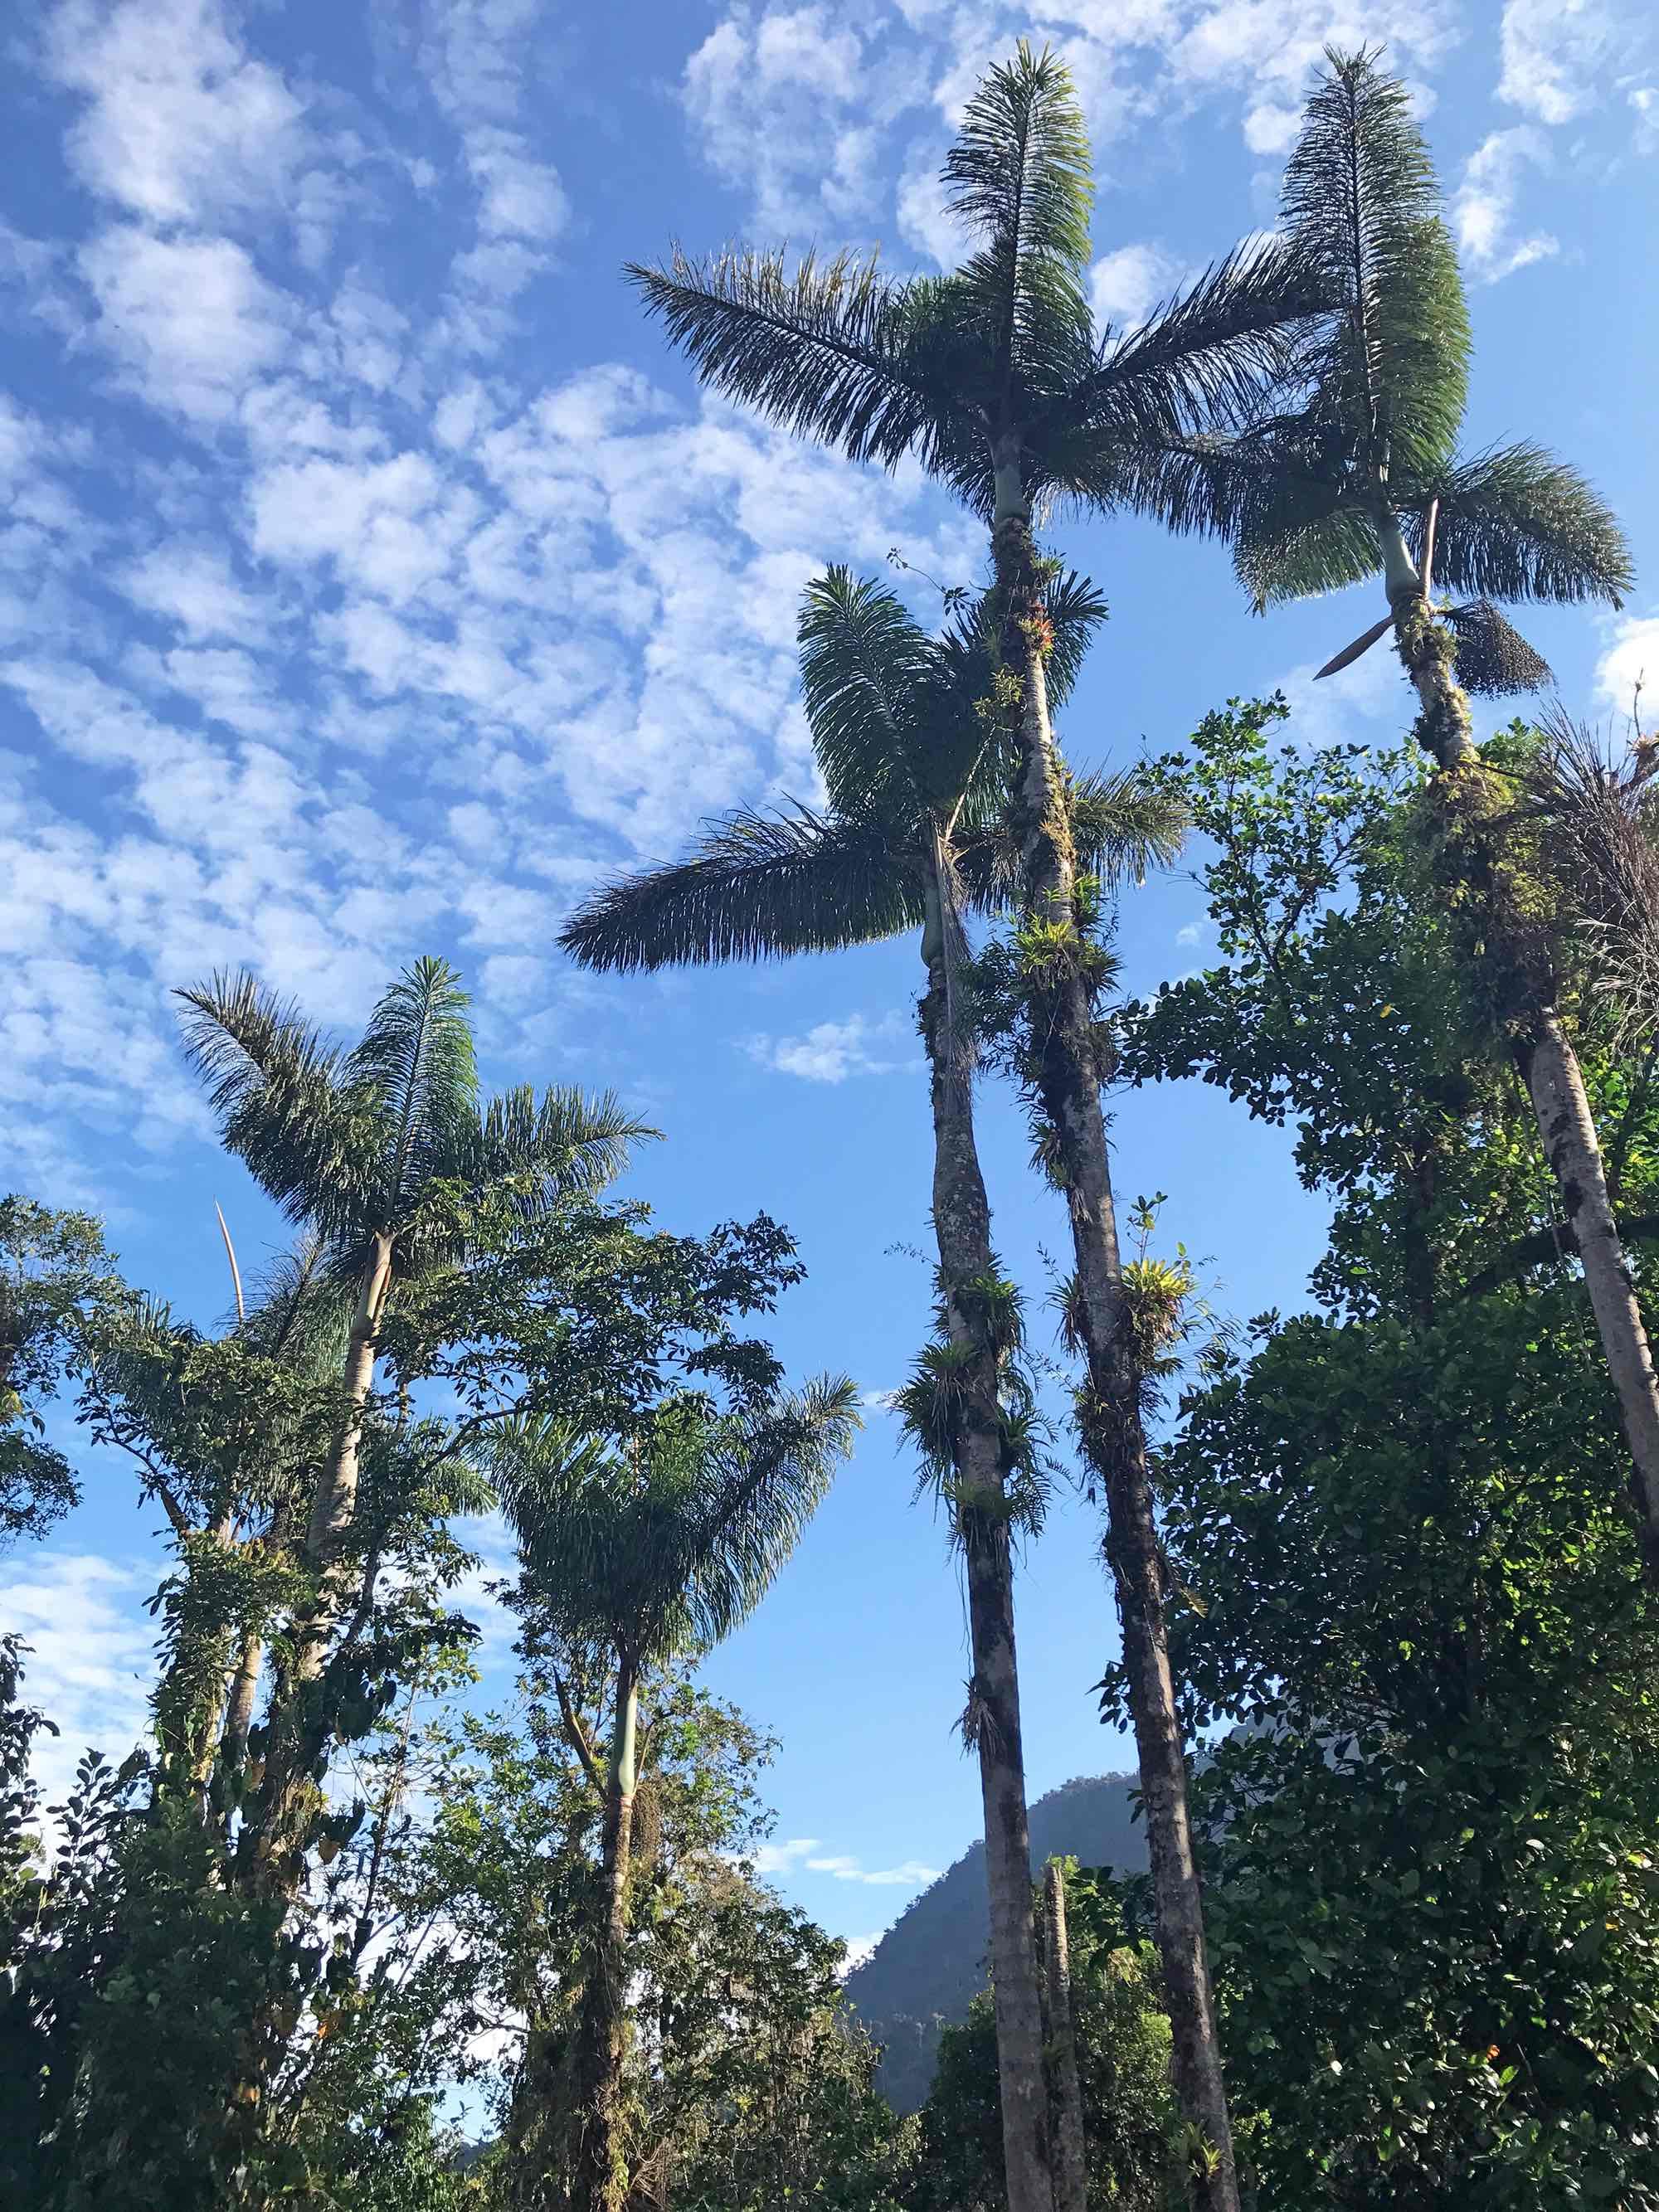 Lost-City-trek-Colombia-trees.jpg